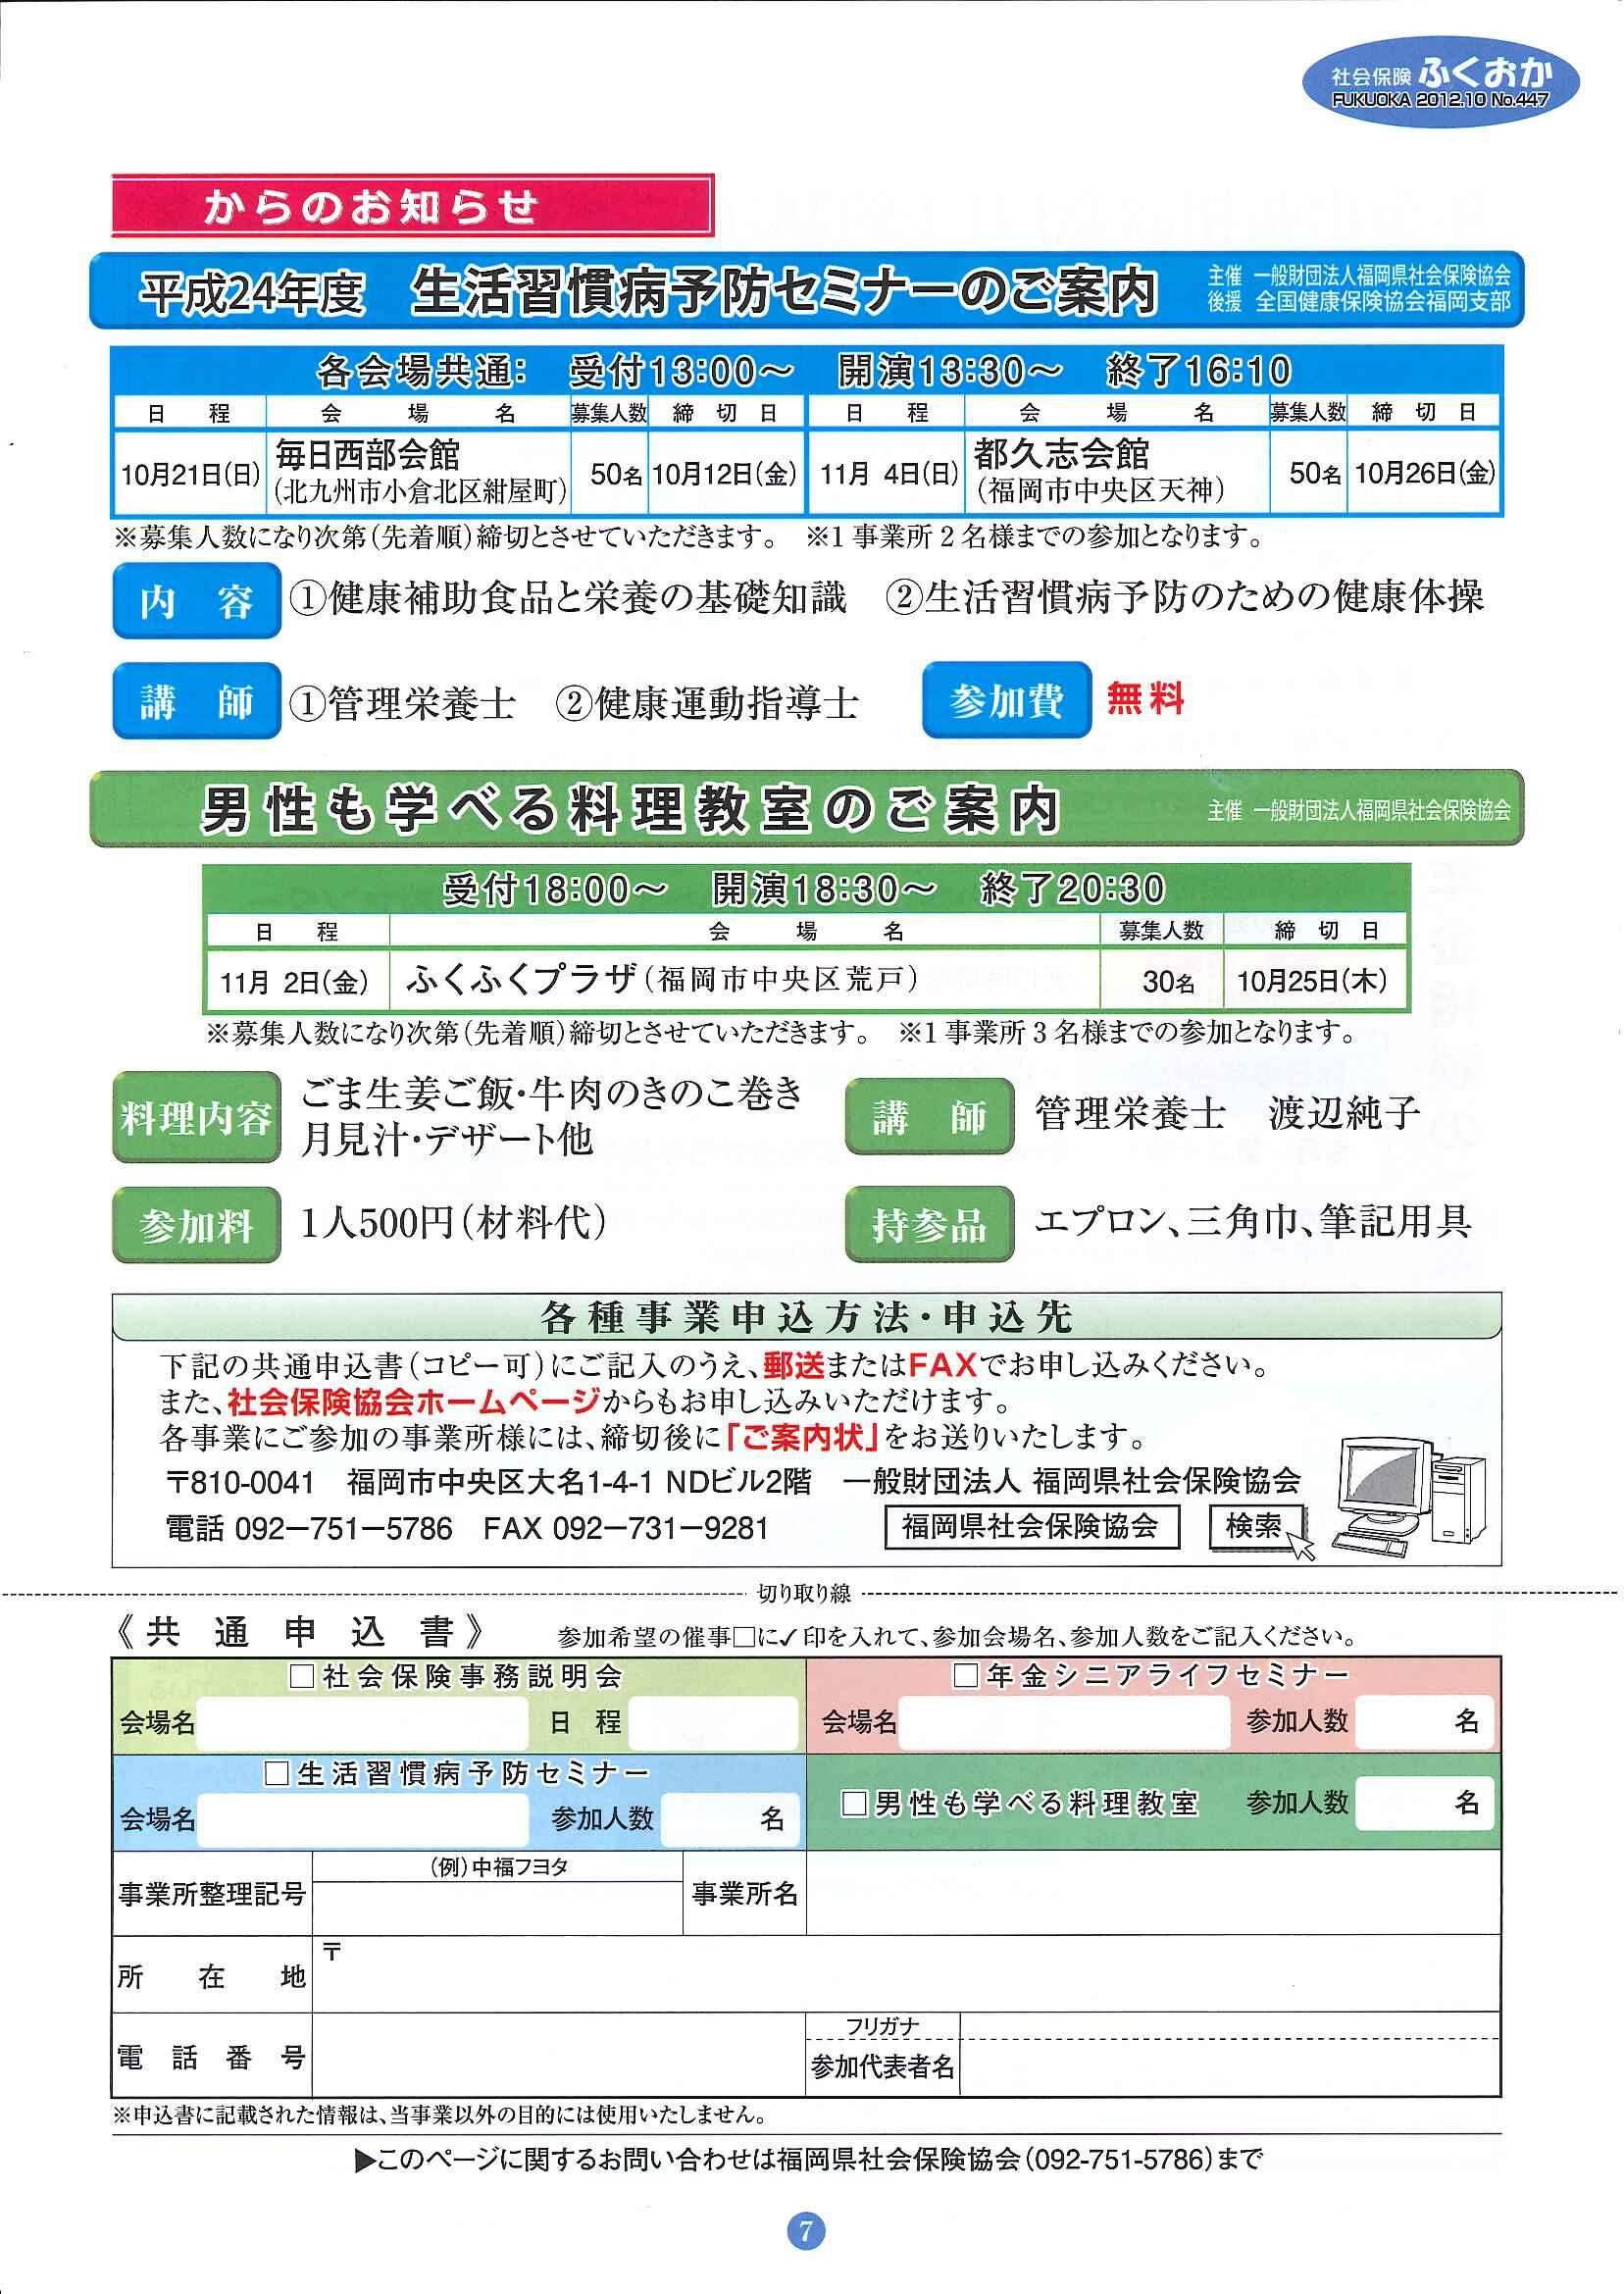 社会保険 ふくおか 2012 10月号_f0120774_13513938.jpg